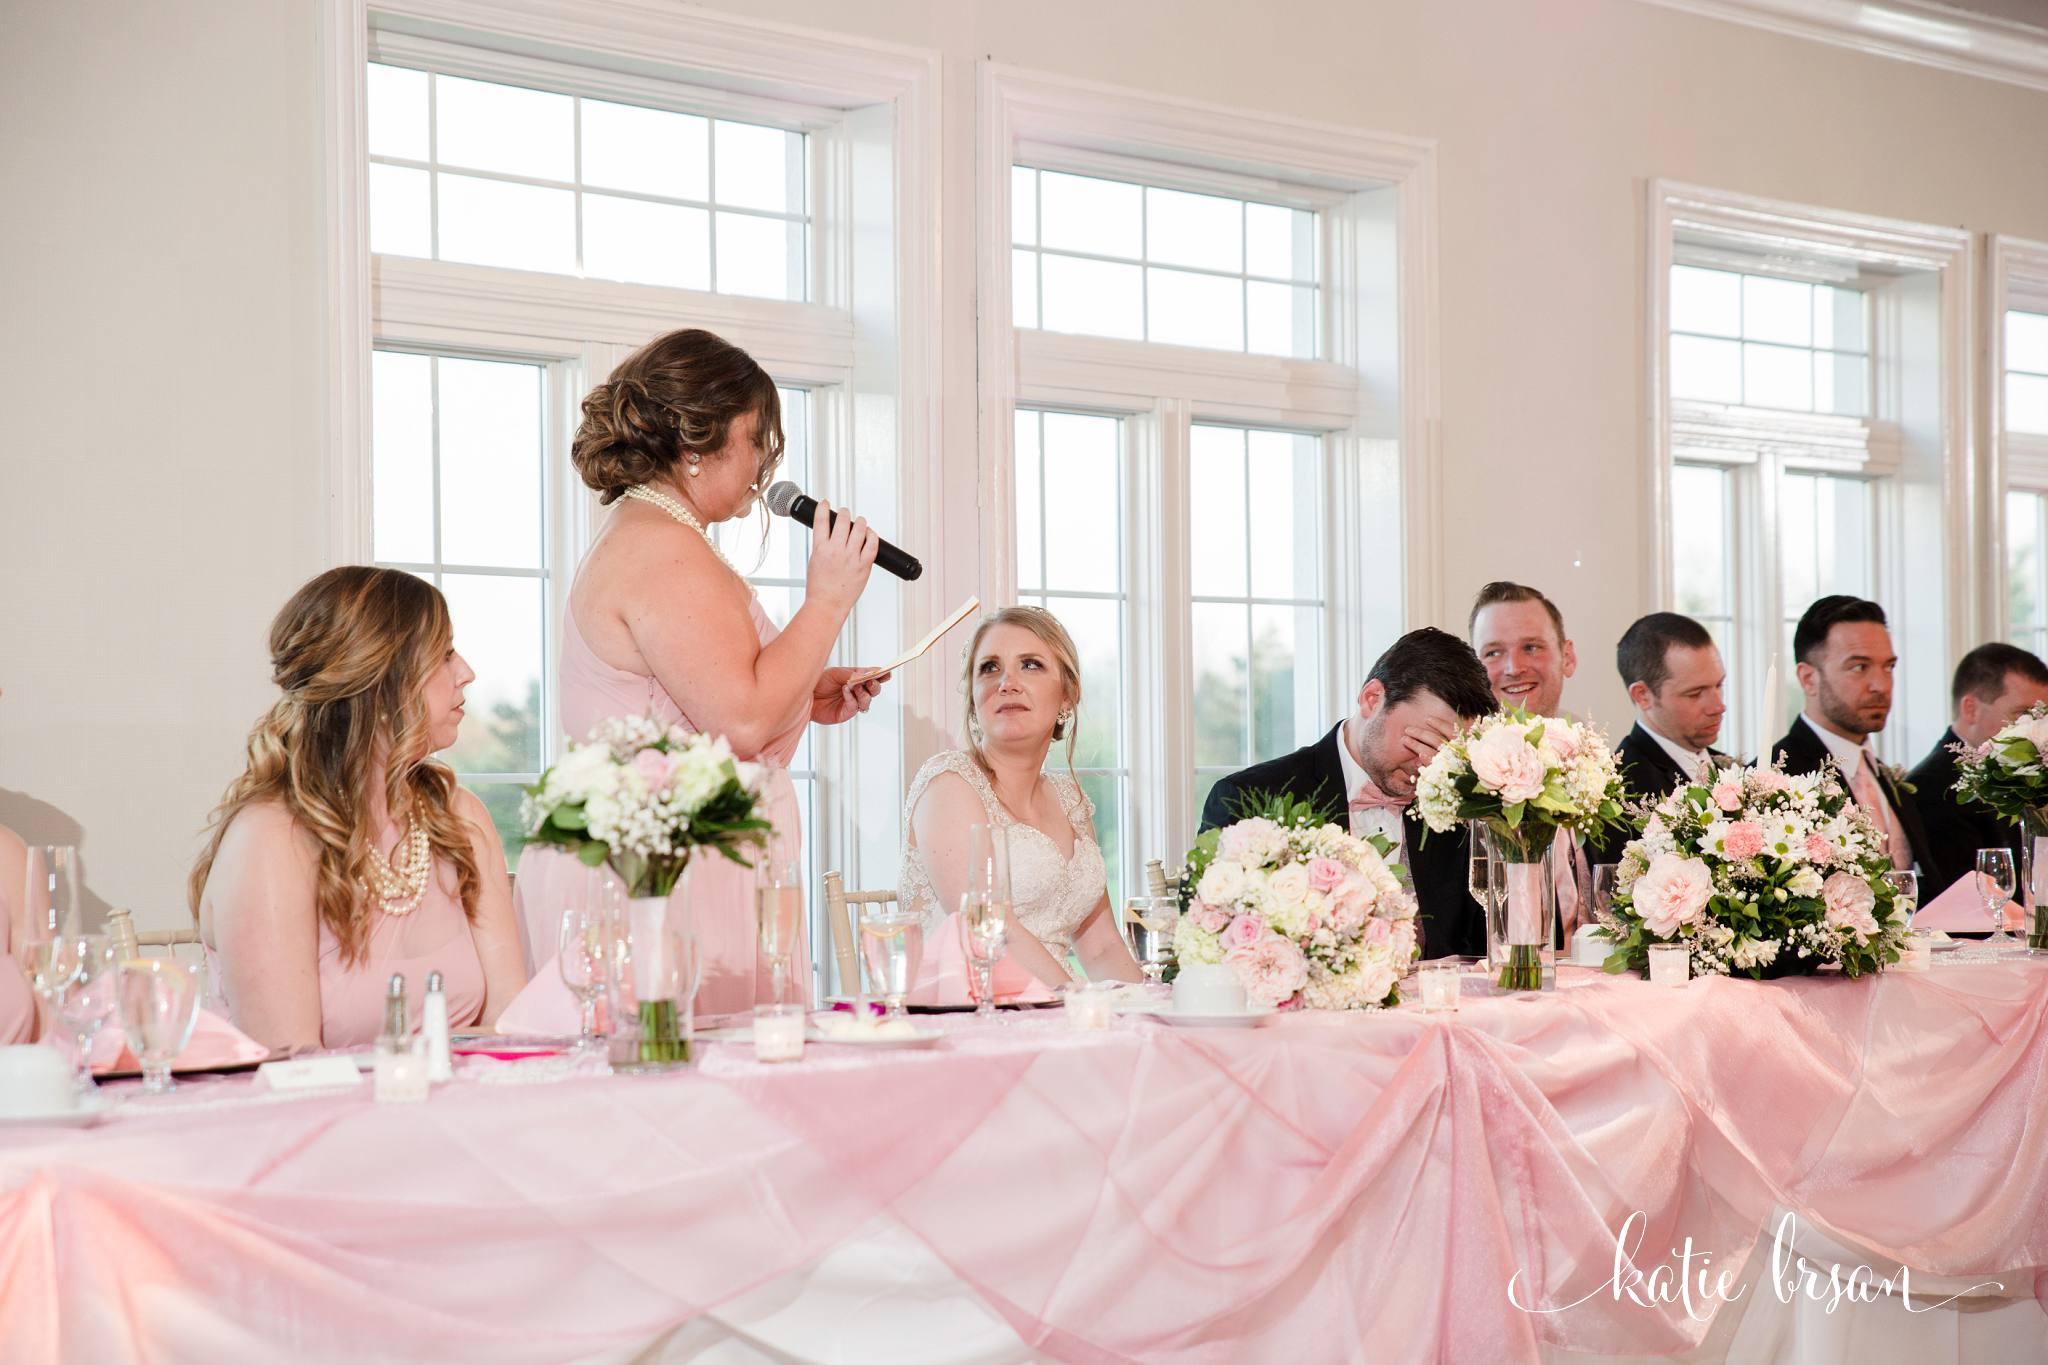 Mokena_Lemont_Wedding_Ruffled_Feathers_Wedding_1429.jpg